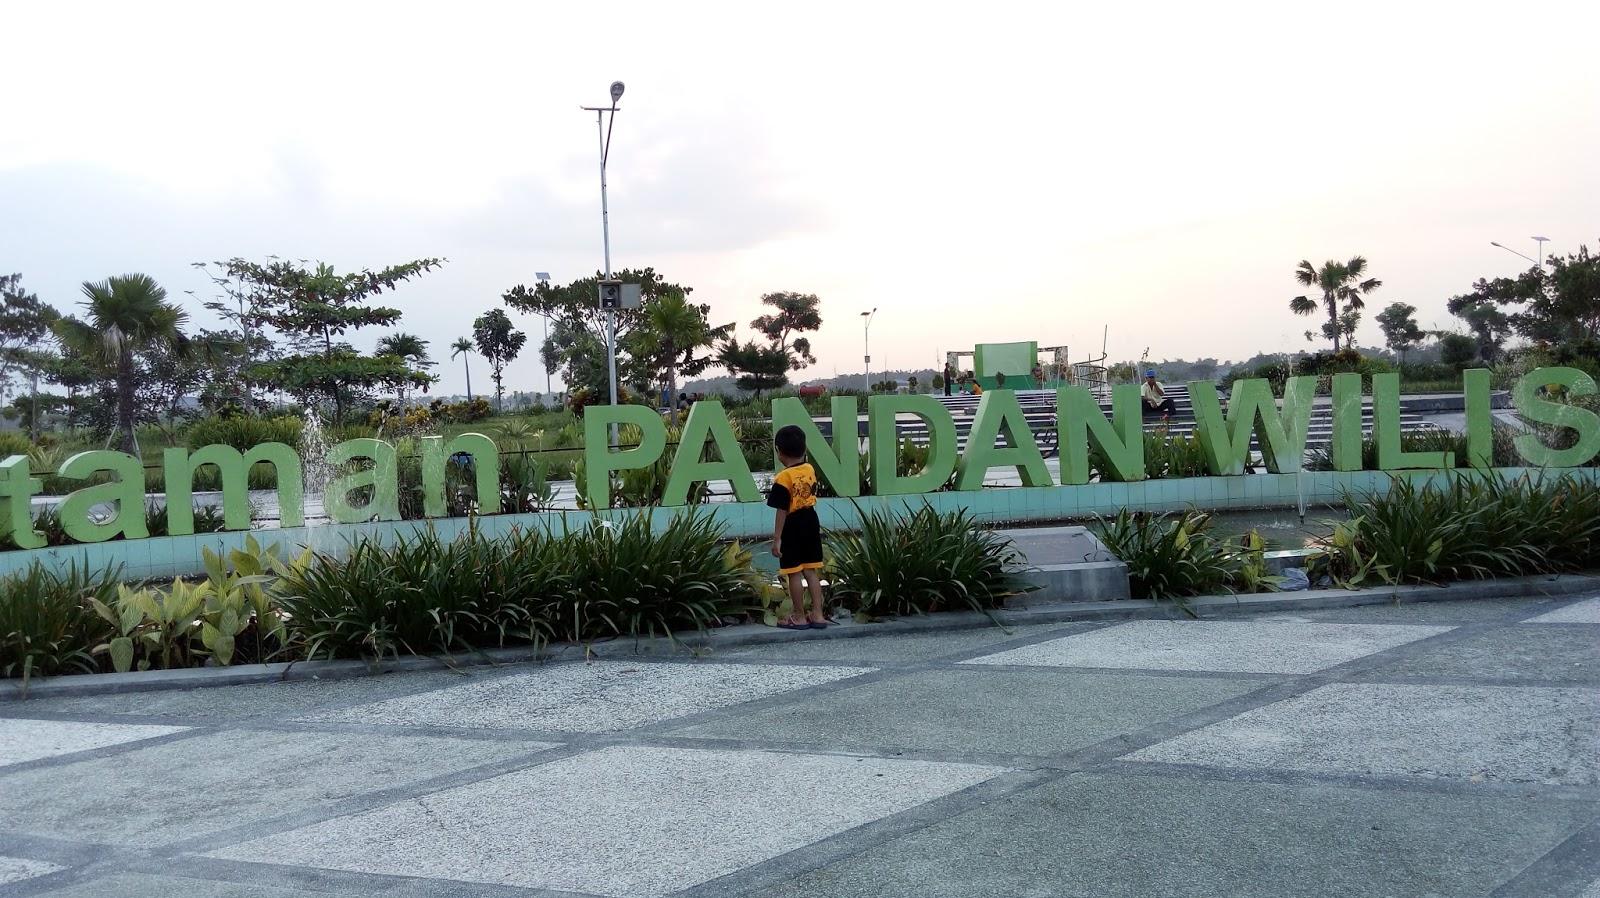 Nodiwa Sore Indah Taman Pandan Wilis Kabupaten Nganjuk Kota Kab